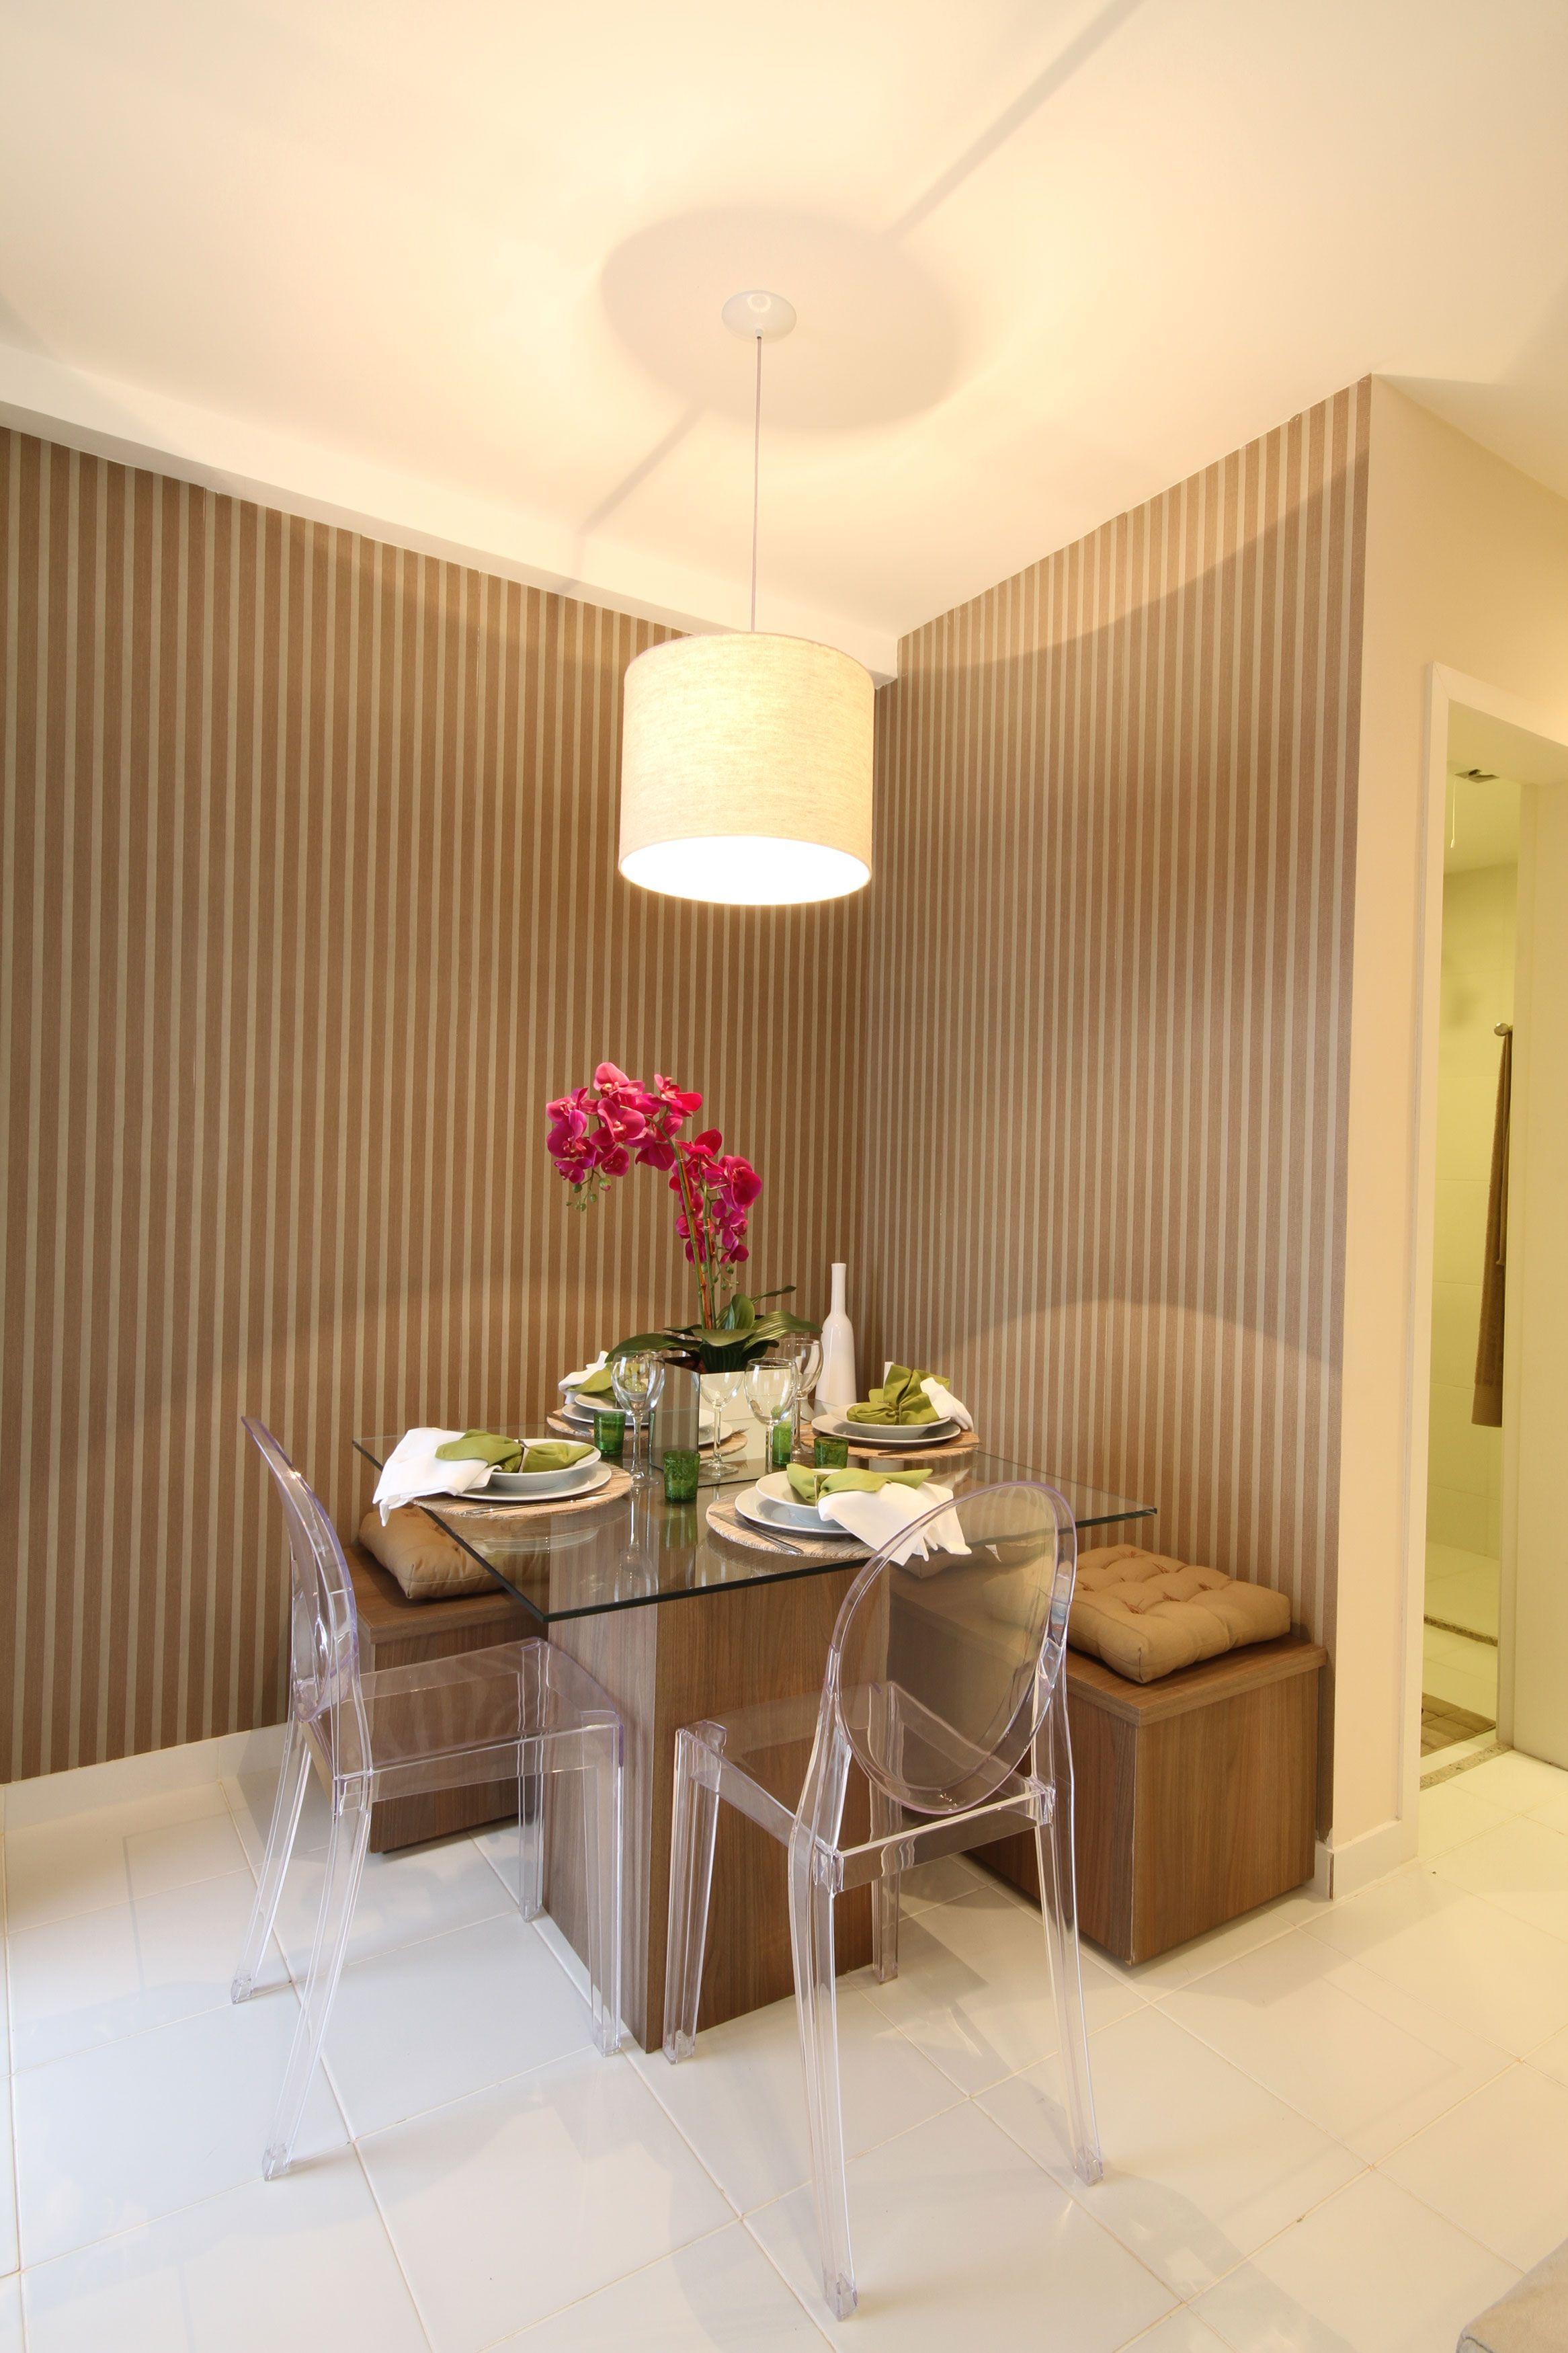 Posso Colocar Aparador Na Cozinha ~ Mesa de Jantar, com um lado coladoà parede H O M E